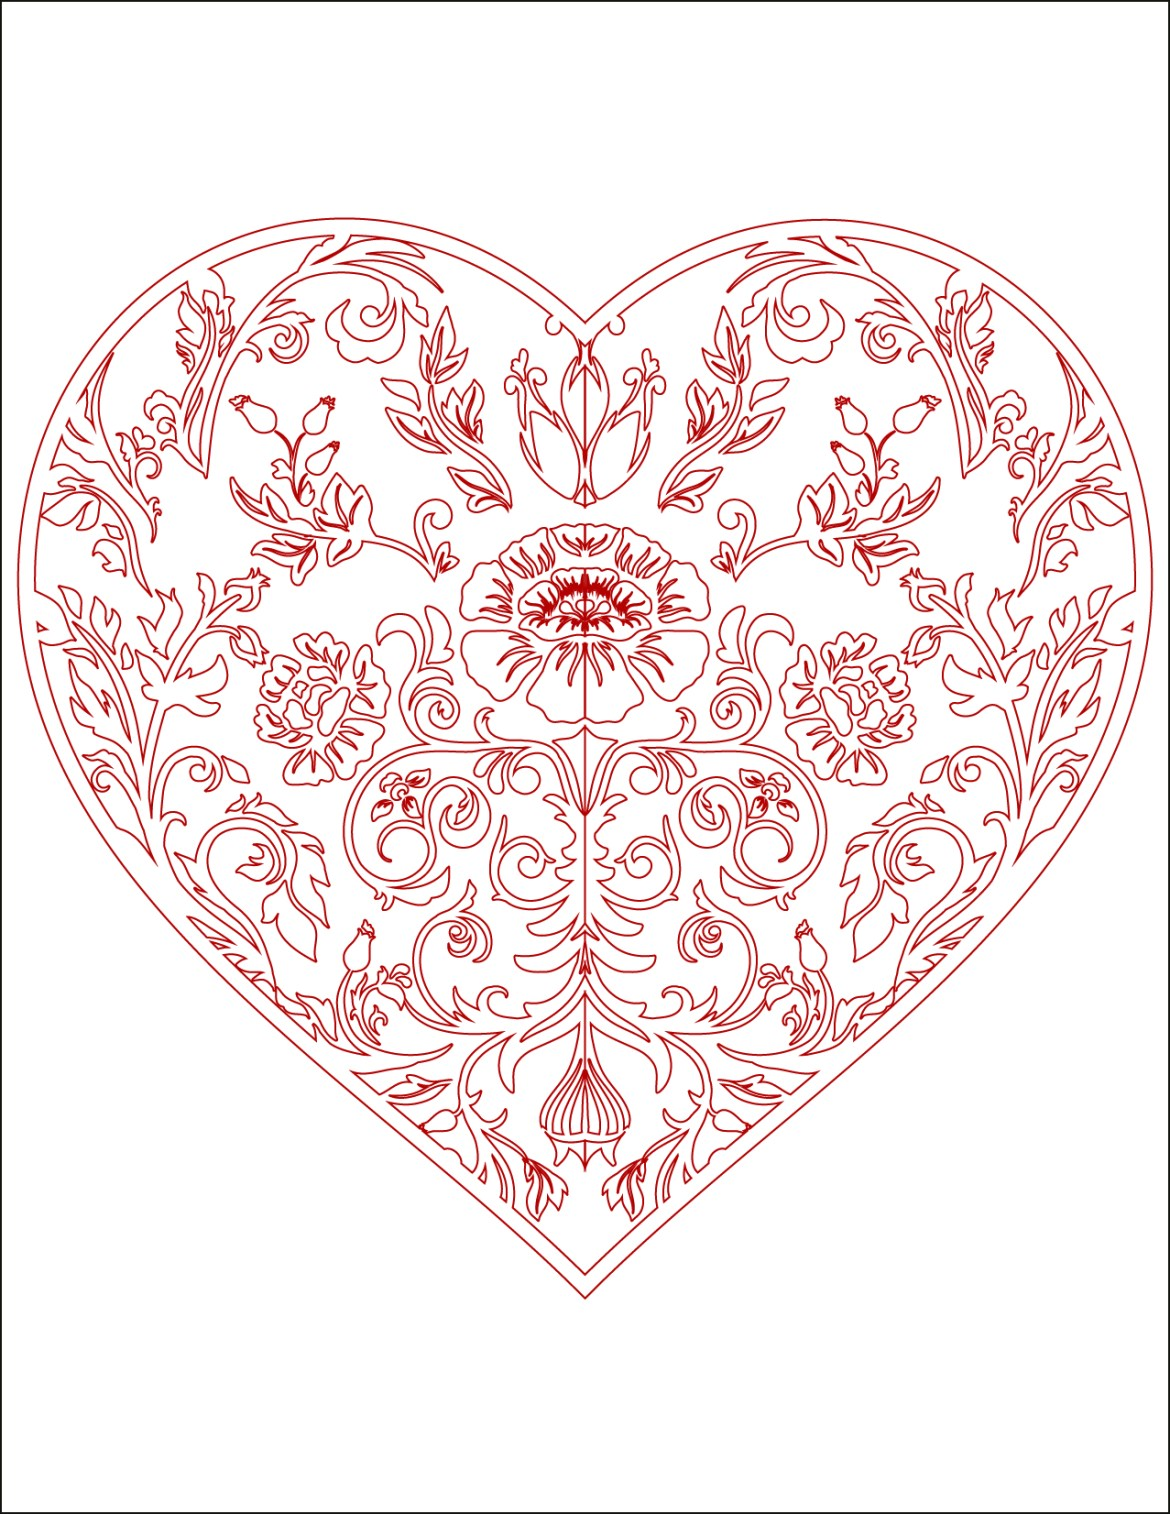 Coloriage Coeur Amour Gratuit.Image De Bonjour D Amour Coloriage Coeur A Imprimer